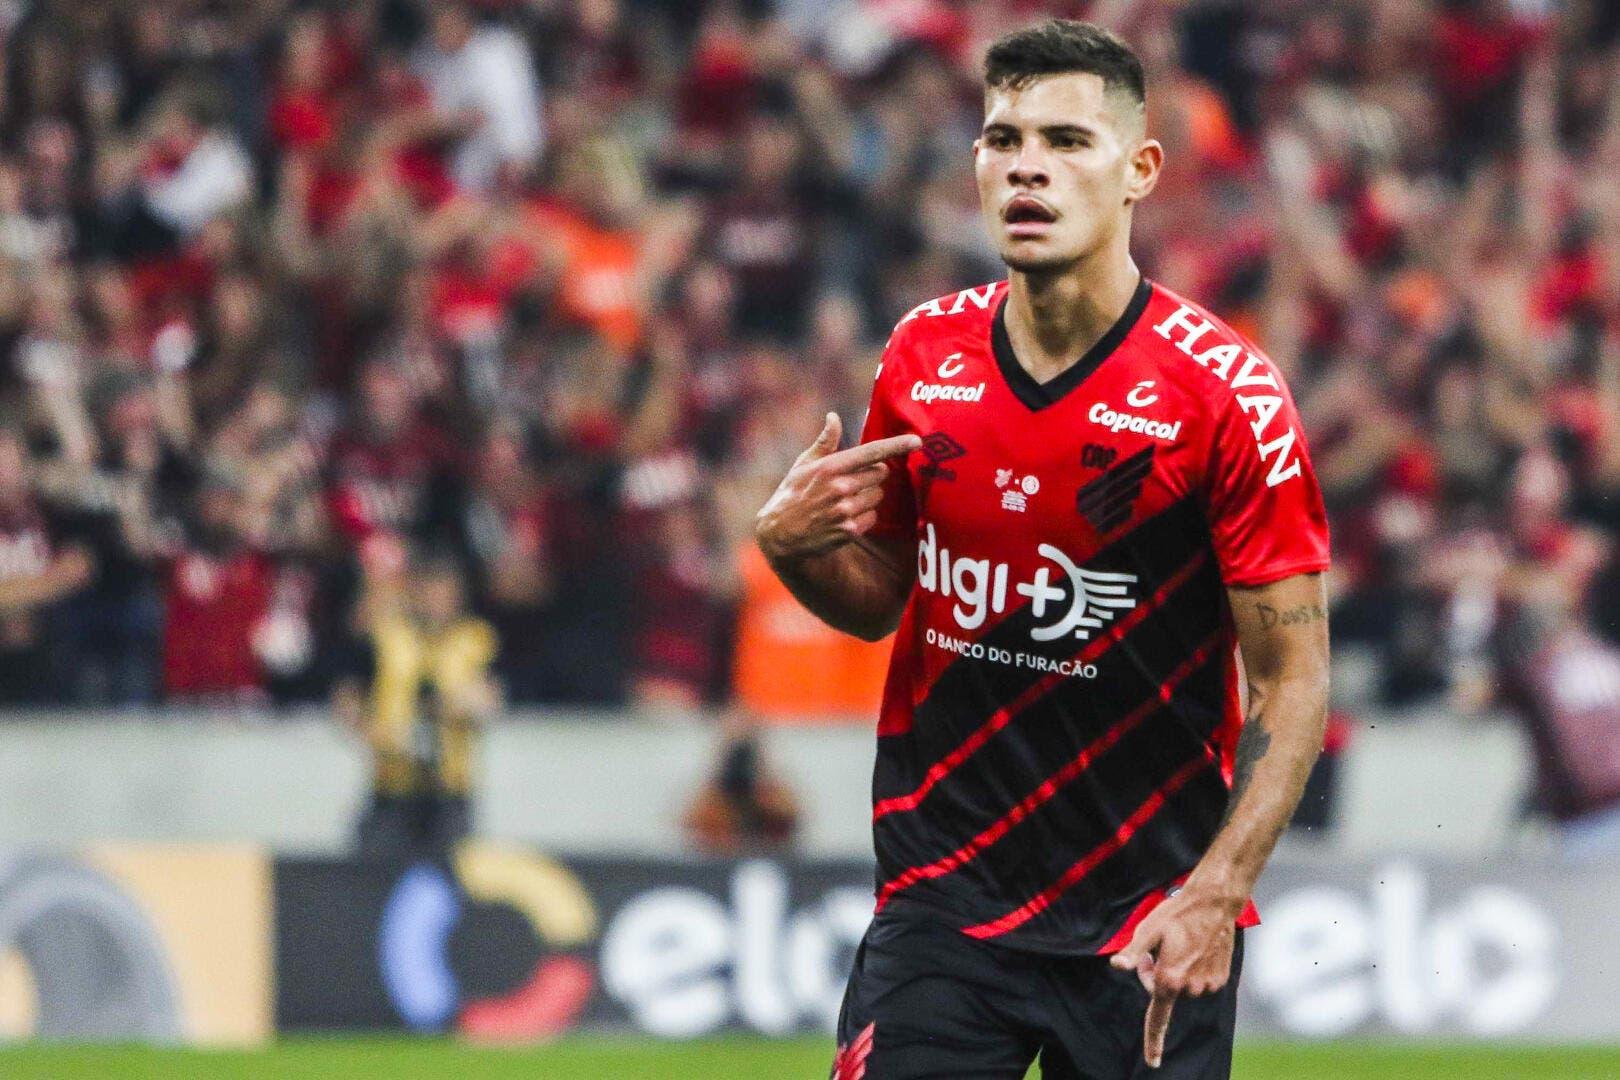 Foot OL - OL : Accord entre Lyon et Paranaense pour Bruno